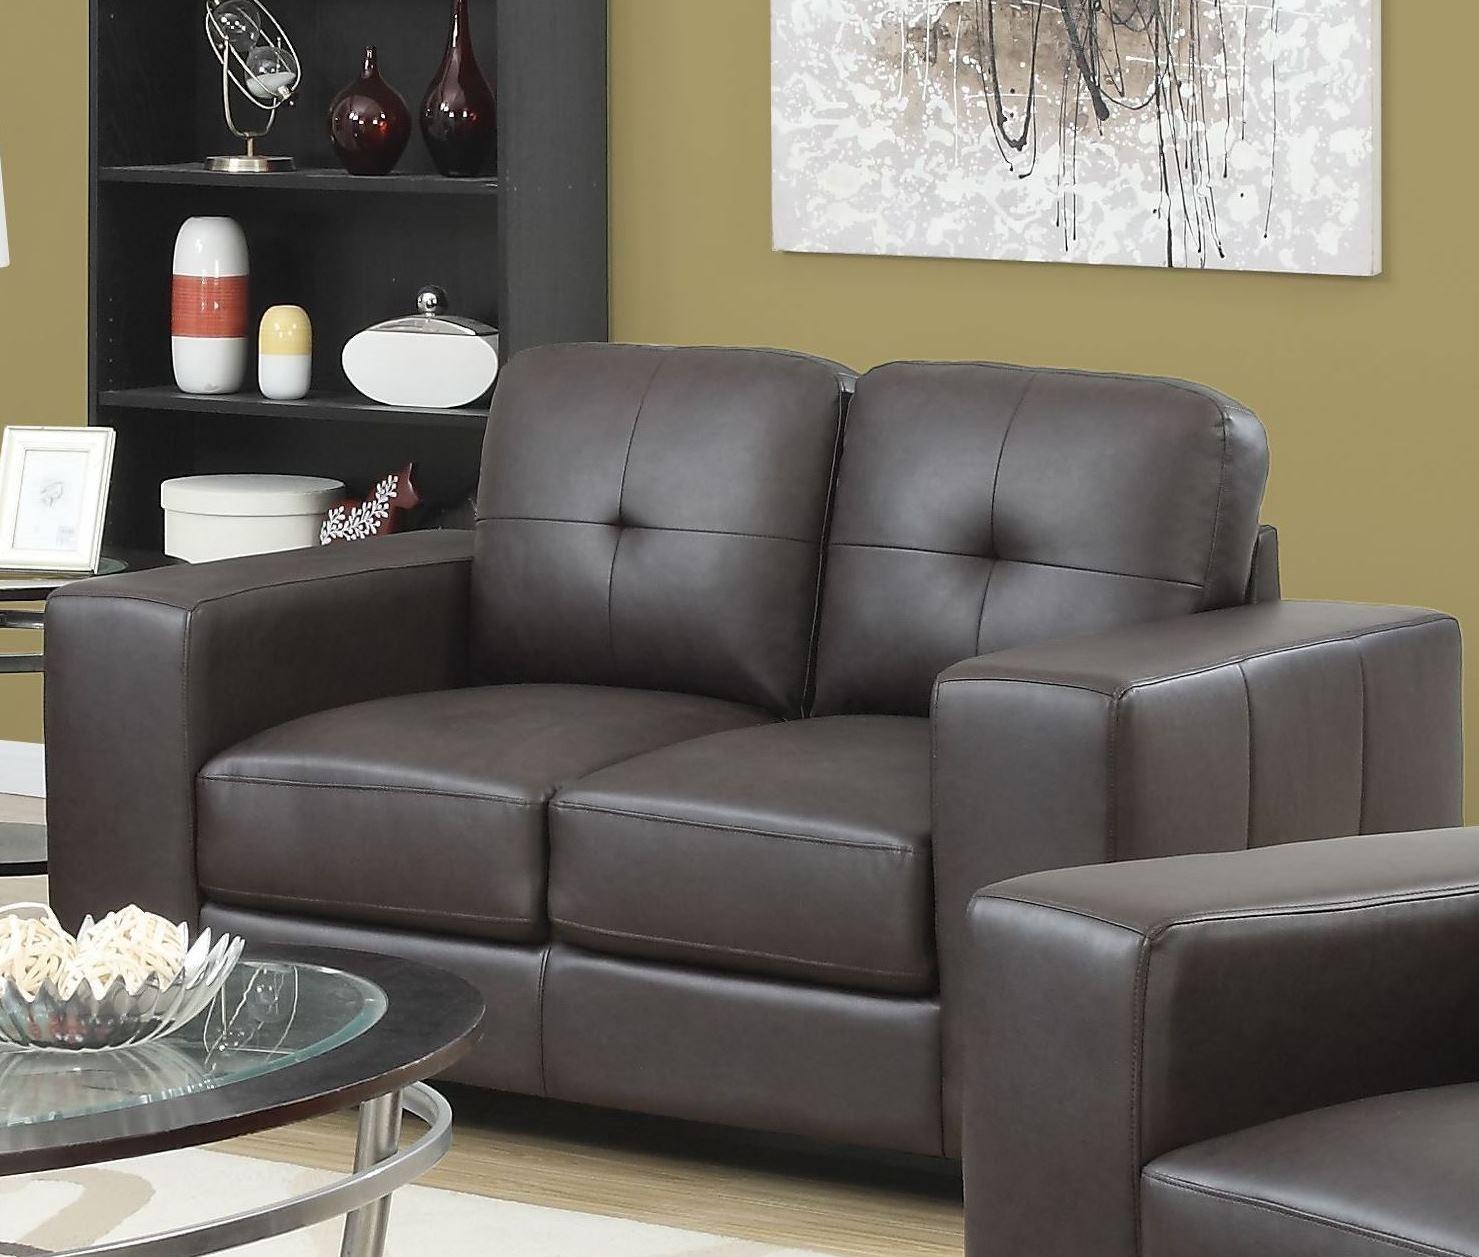 Dark Brown Bonded Leather Living Room Set, 8223BR, Monarch